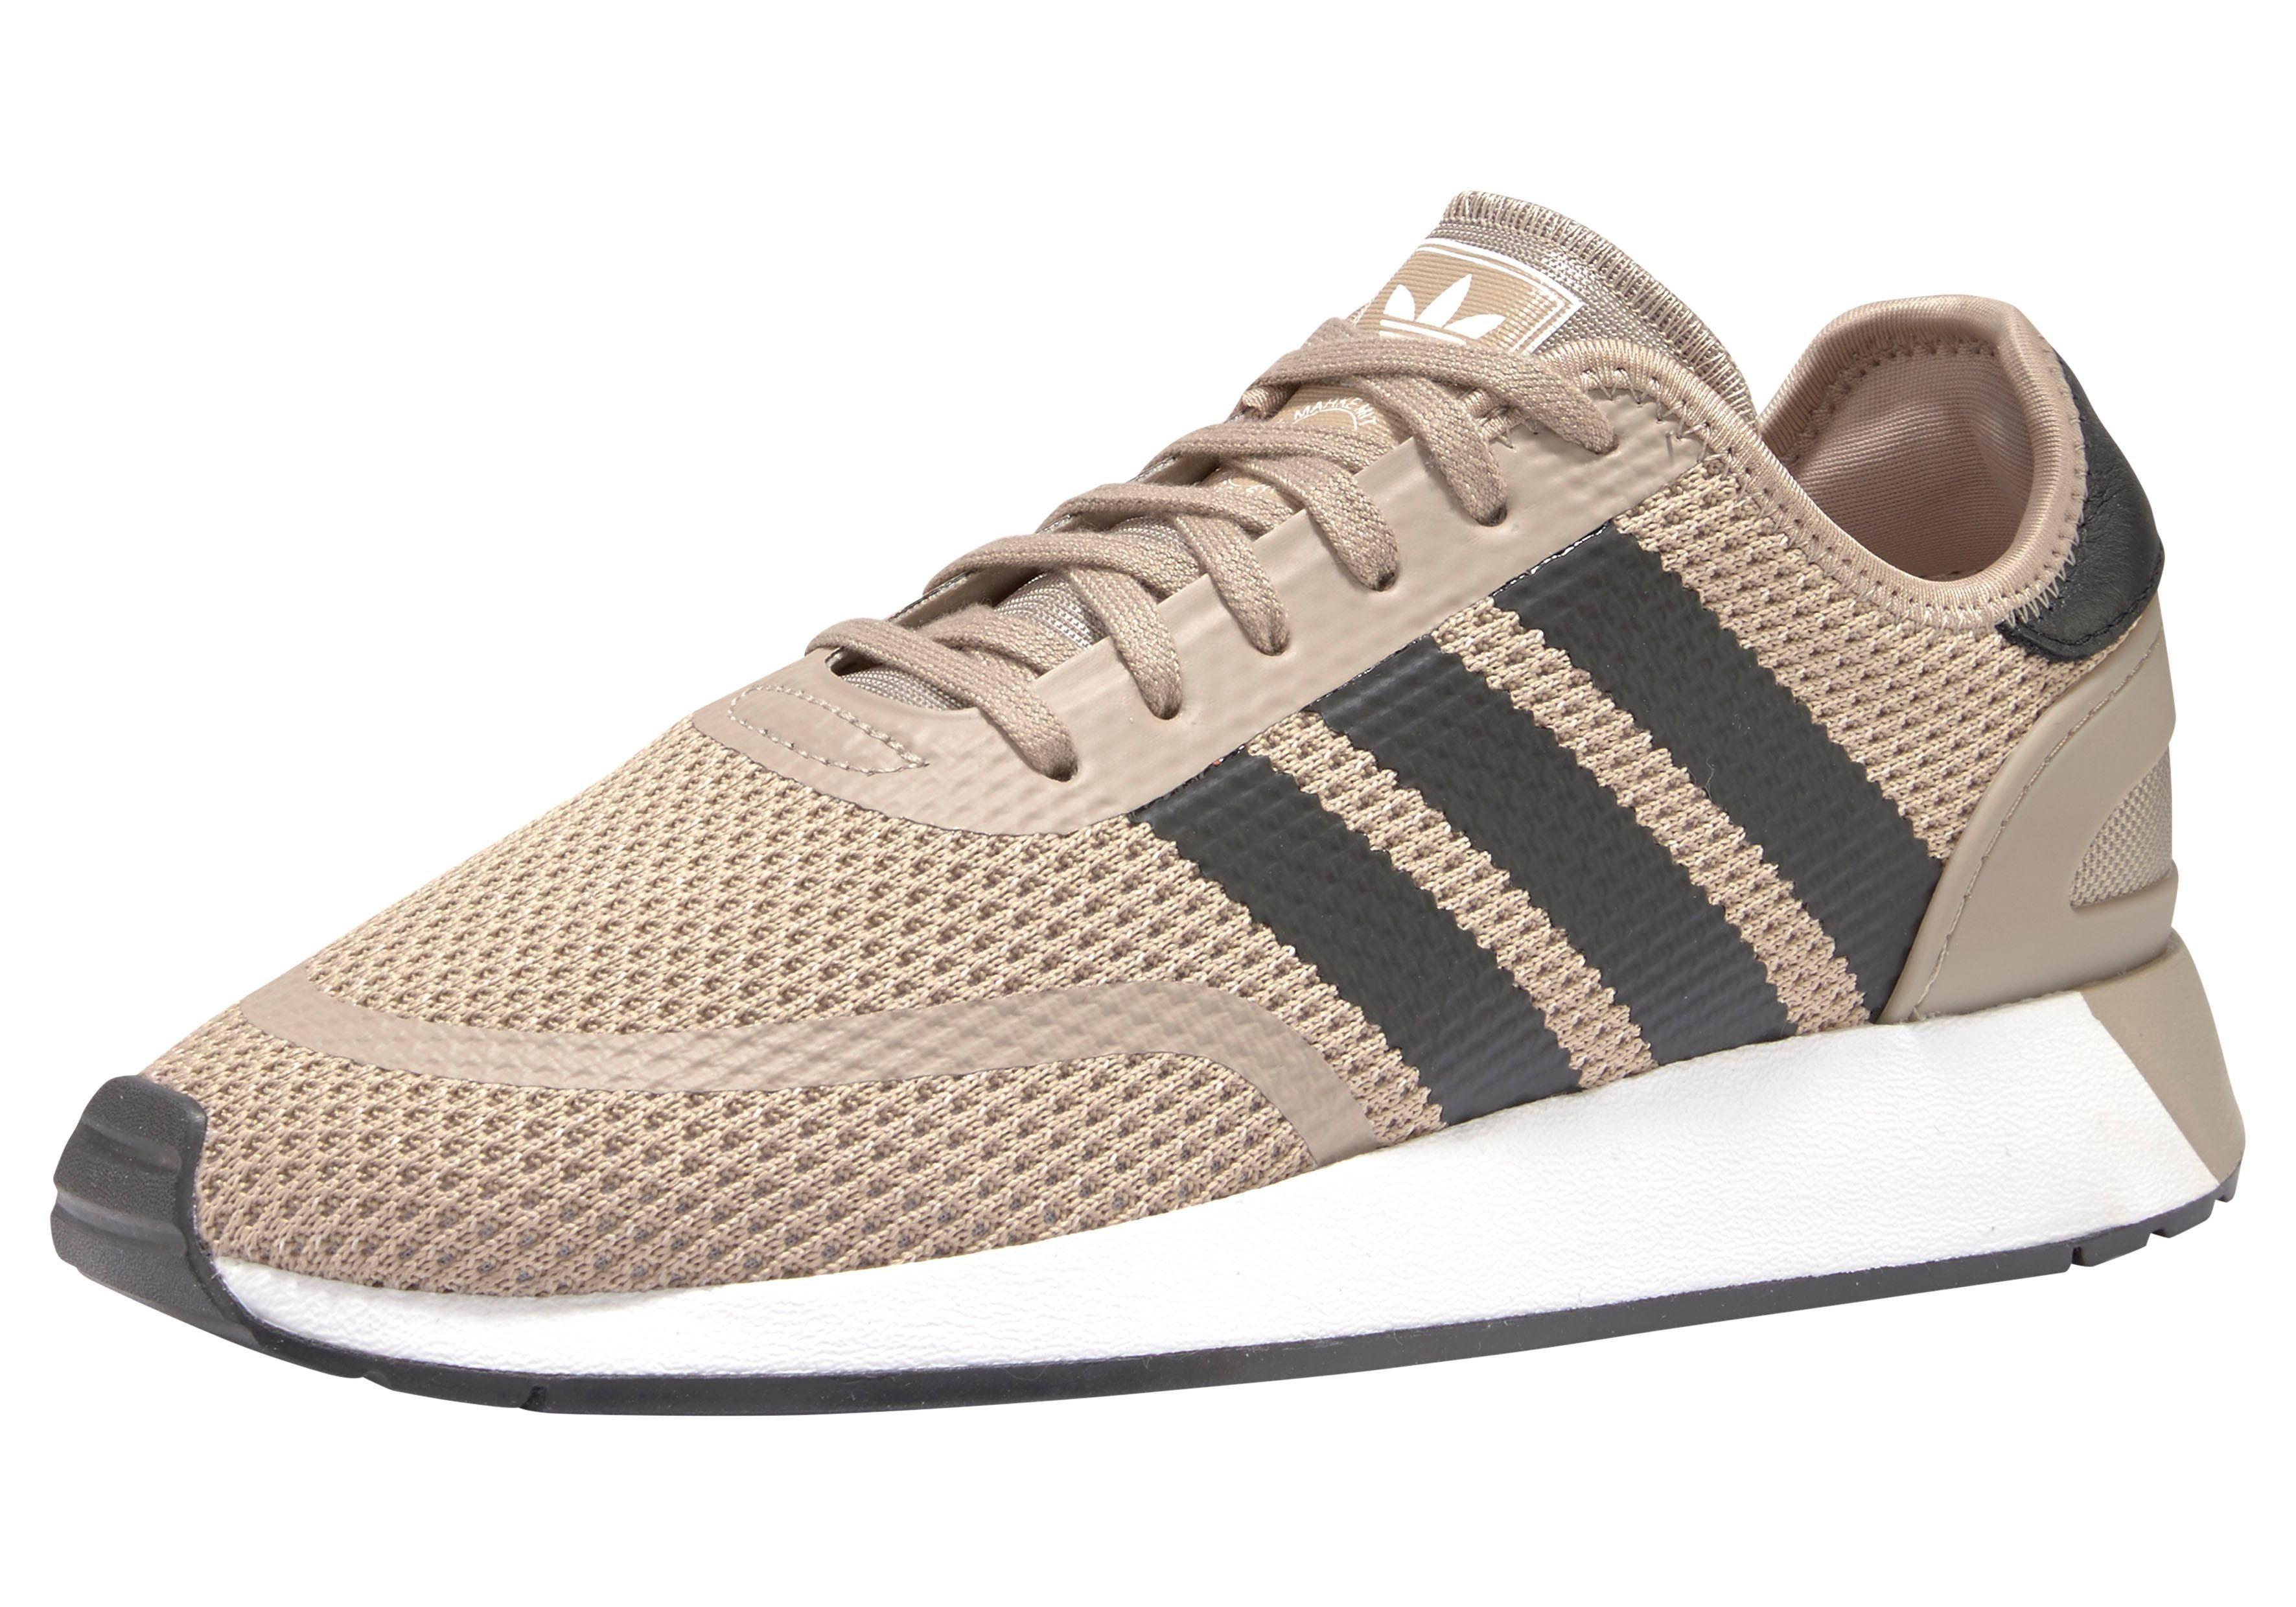 adidas Originals »N 5923 M« Sneaker, Atmungsaktives Obermaterial aus Textil online kaufen | OTTO